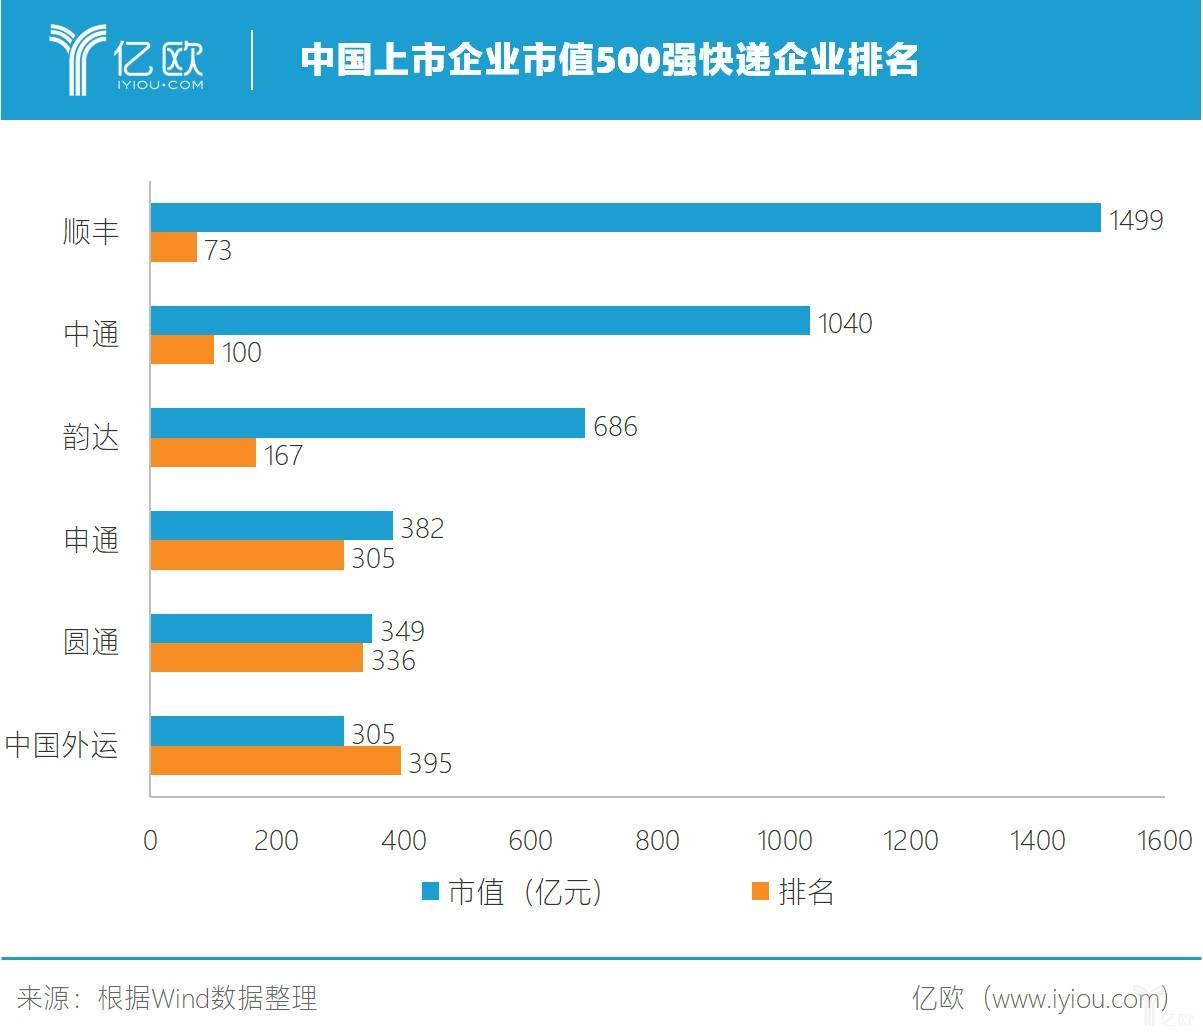 中国上市企业市值500强快递企业排名